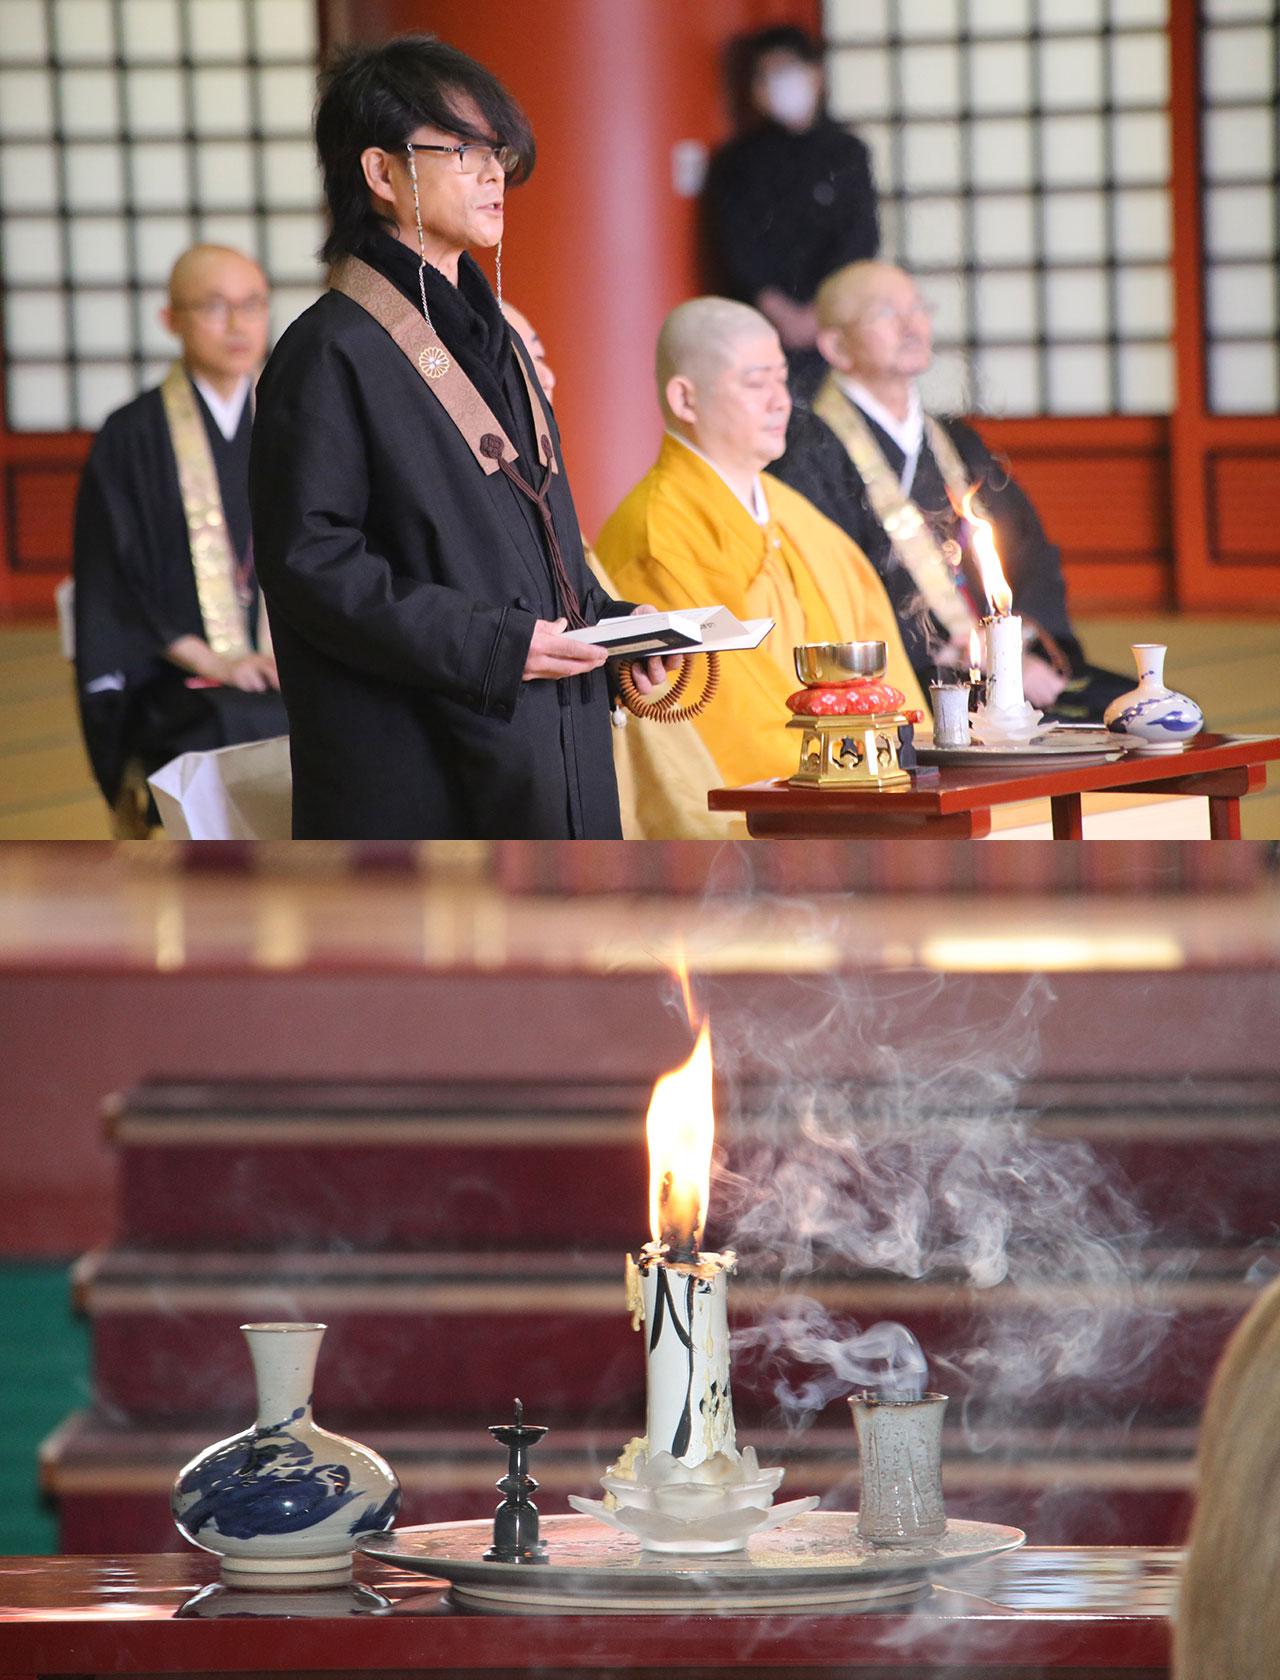 「T-BOLAN」の森友嵐士さんが総本山金剛寺に来訪